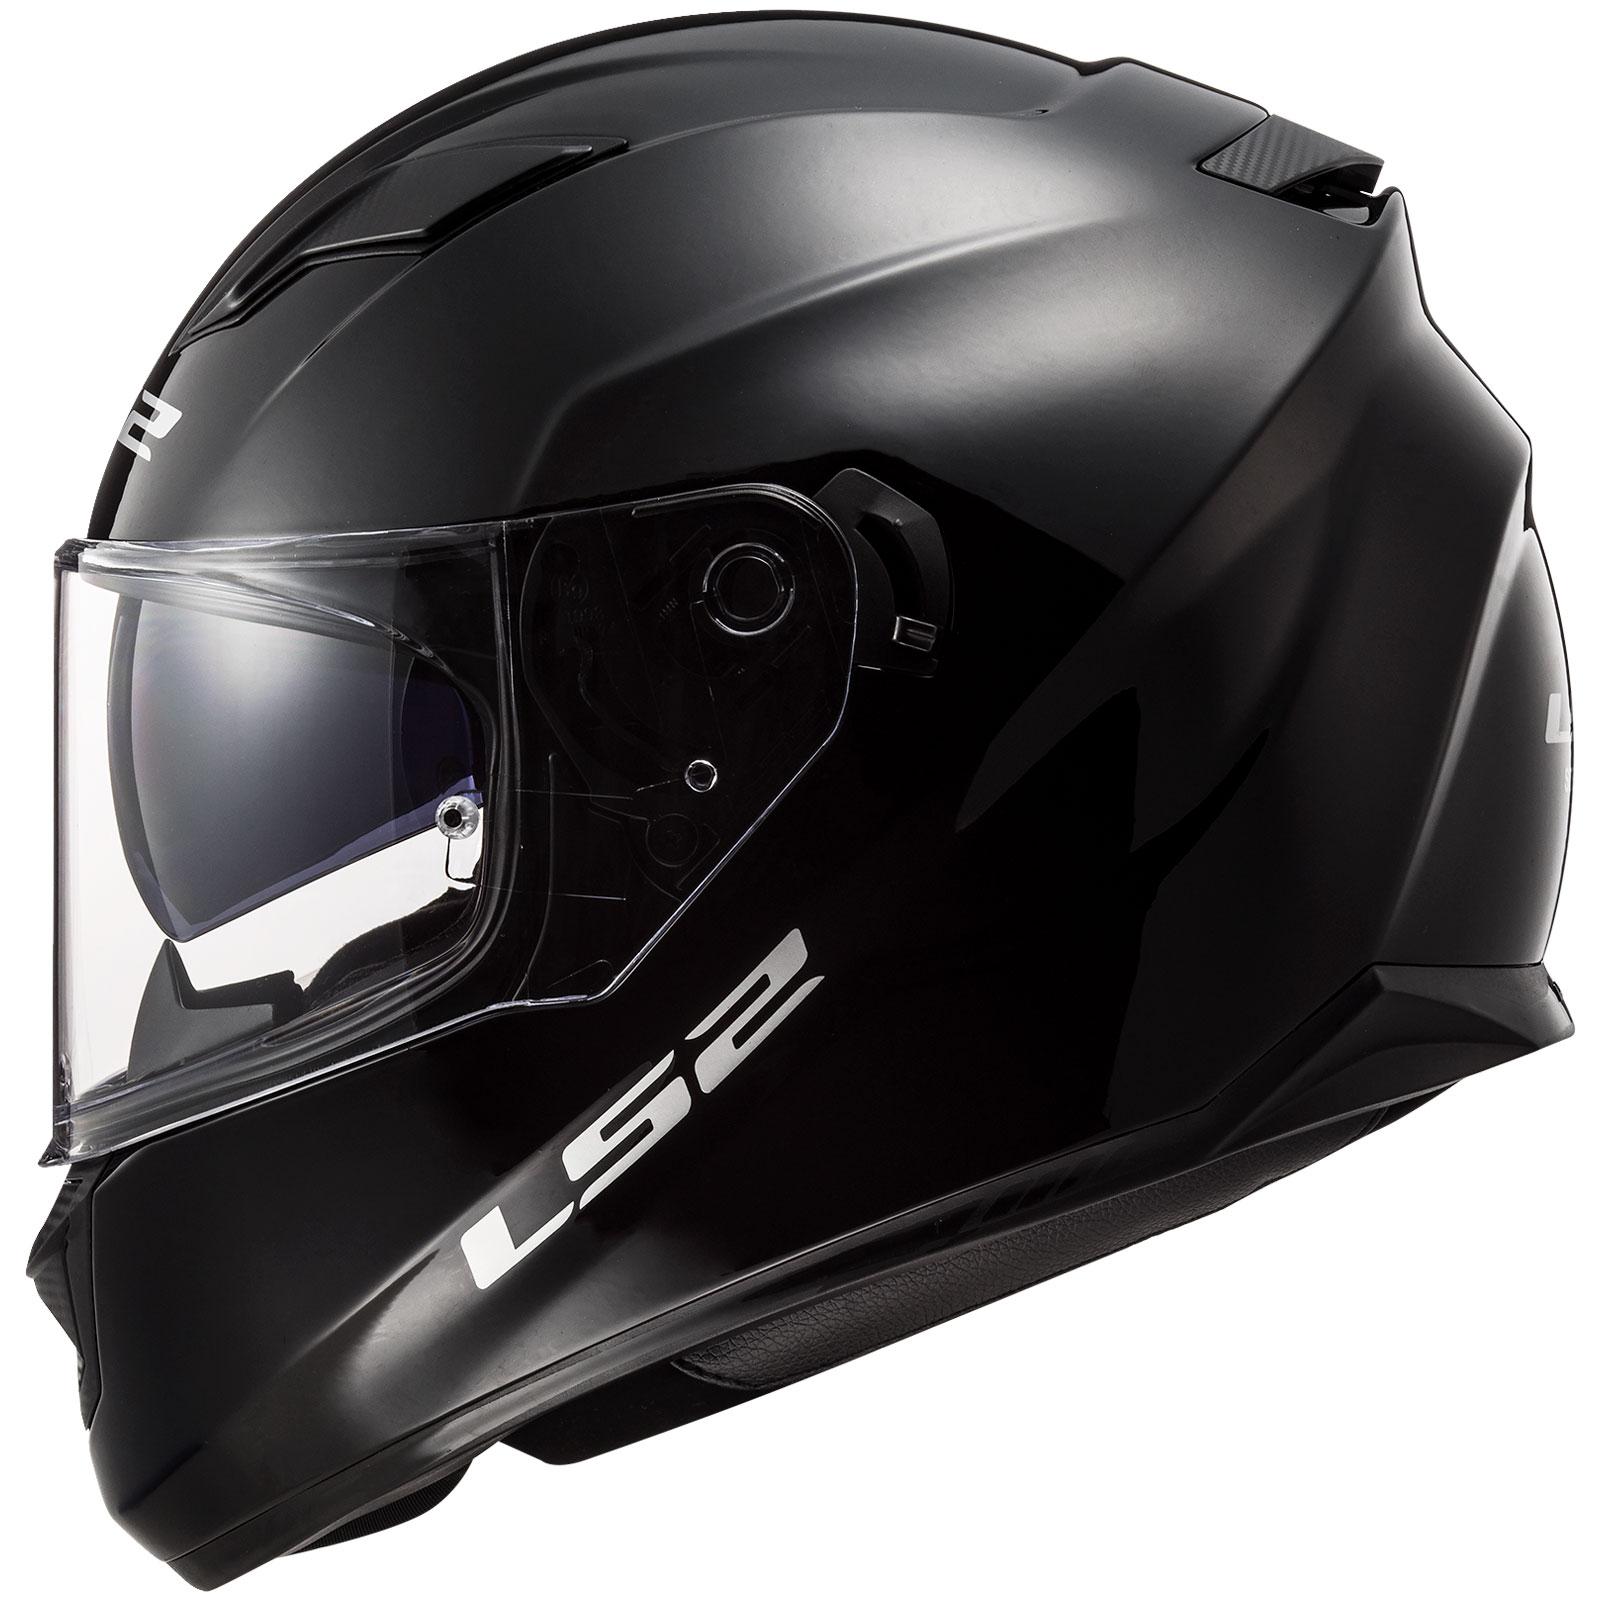 Ls2 Stream Evo Full Face Motosiklet Kaskı